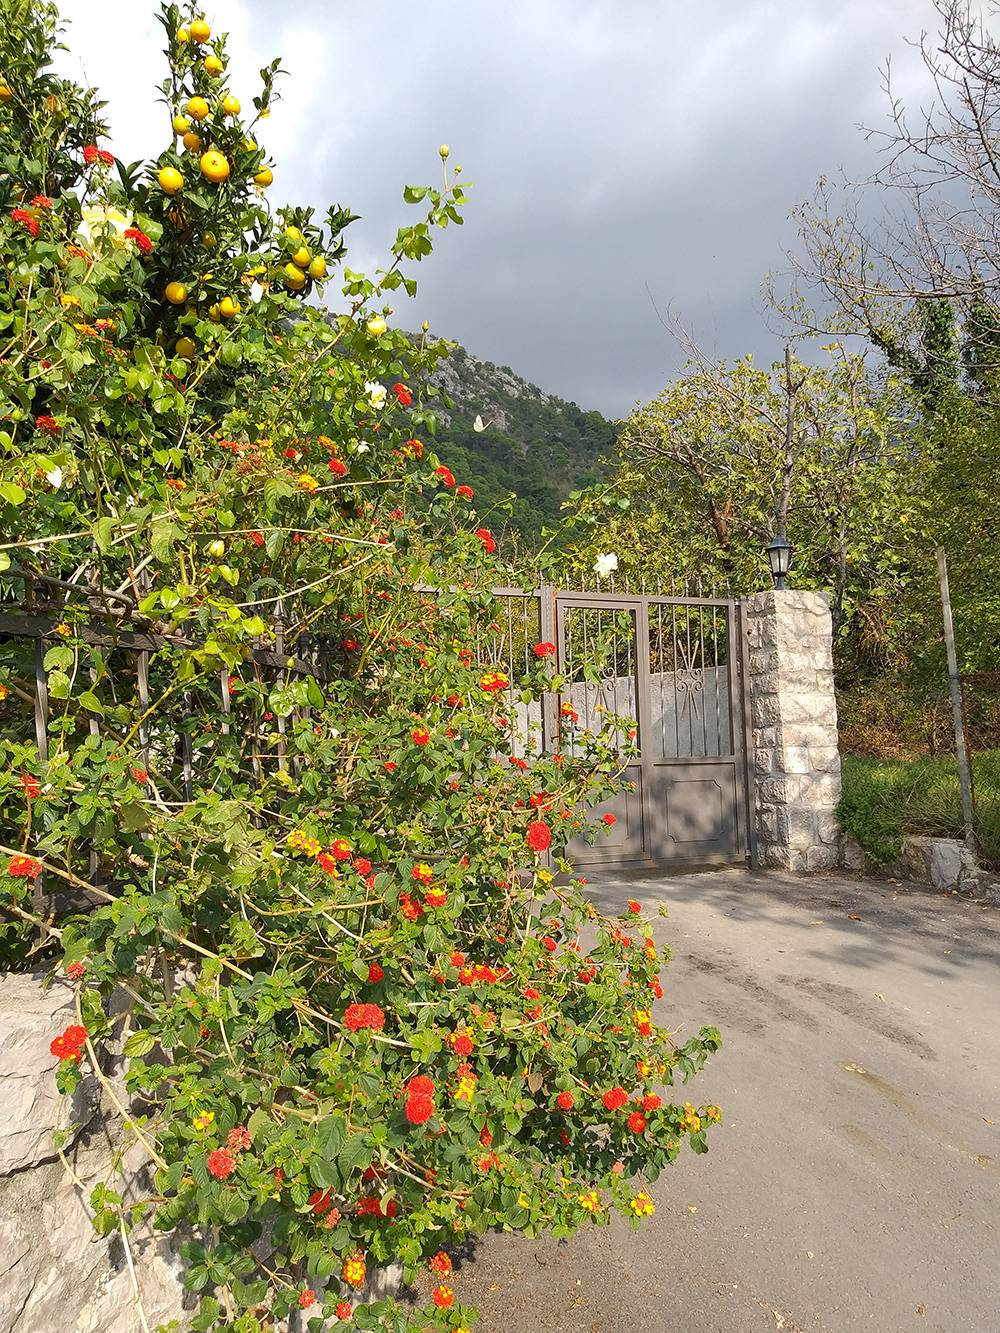 Начало ноября в Черногории: тепло, много зелени, созревают цитрусовые